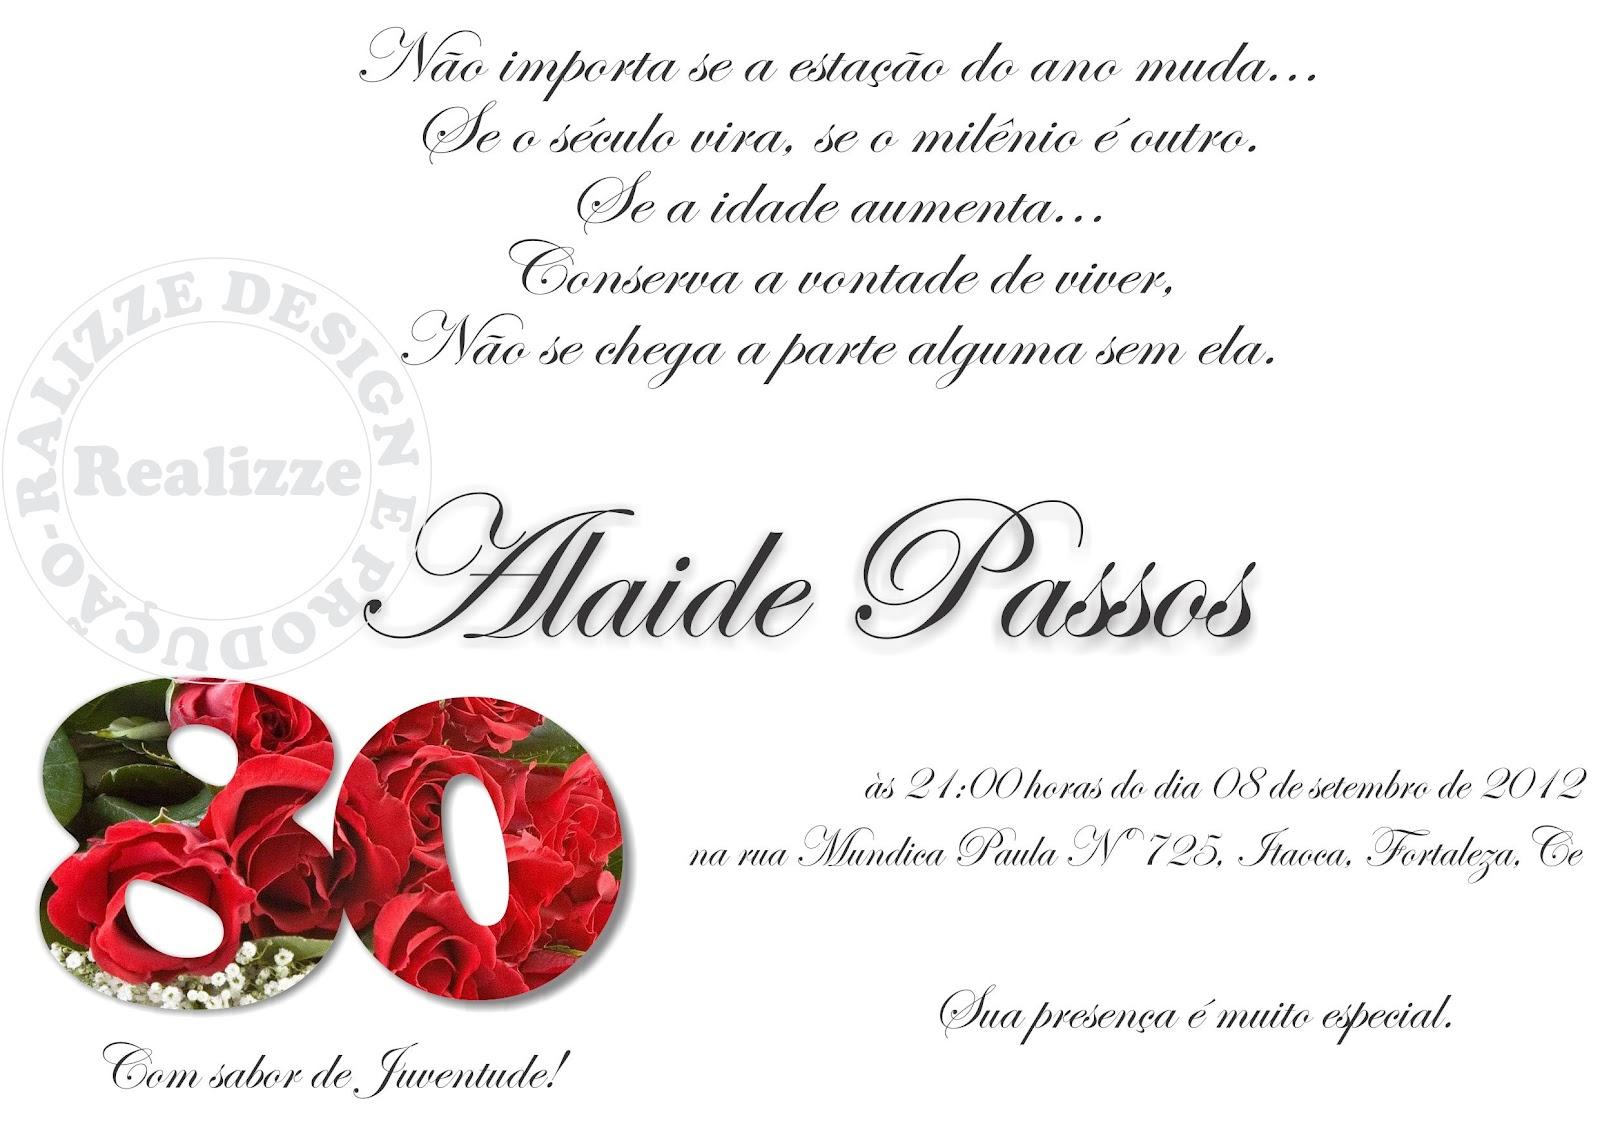 Tag Frases De Aniversario 80 Anos